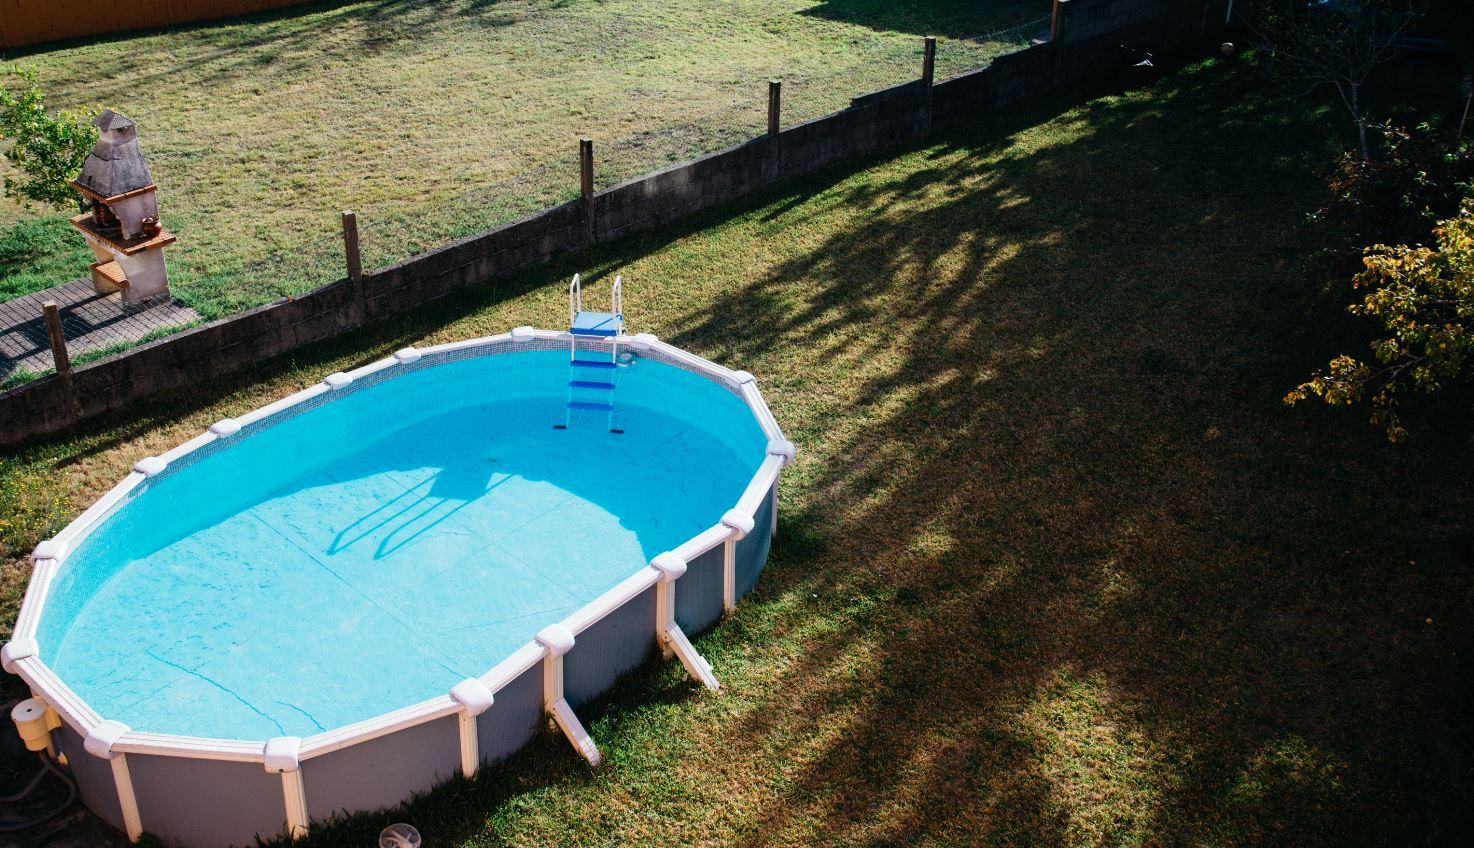 Que mettre sous une piscine hors-sol ? Les meilleurs conseils